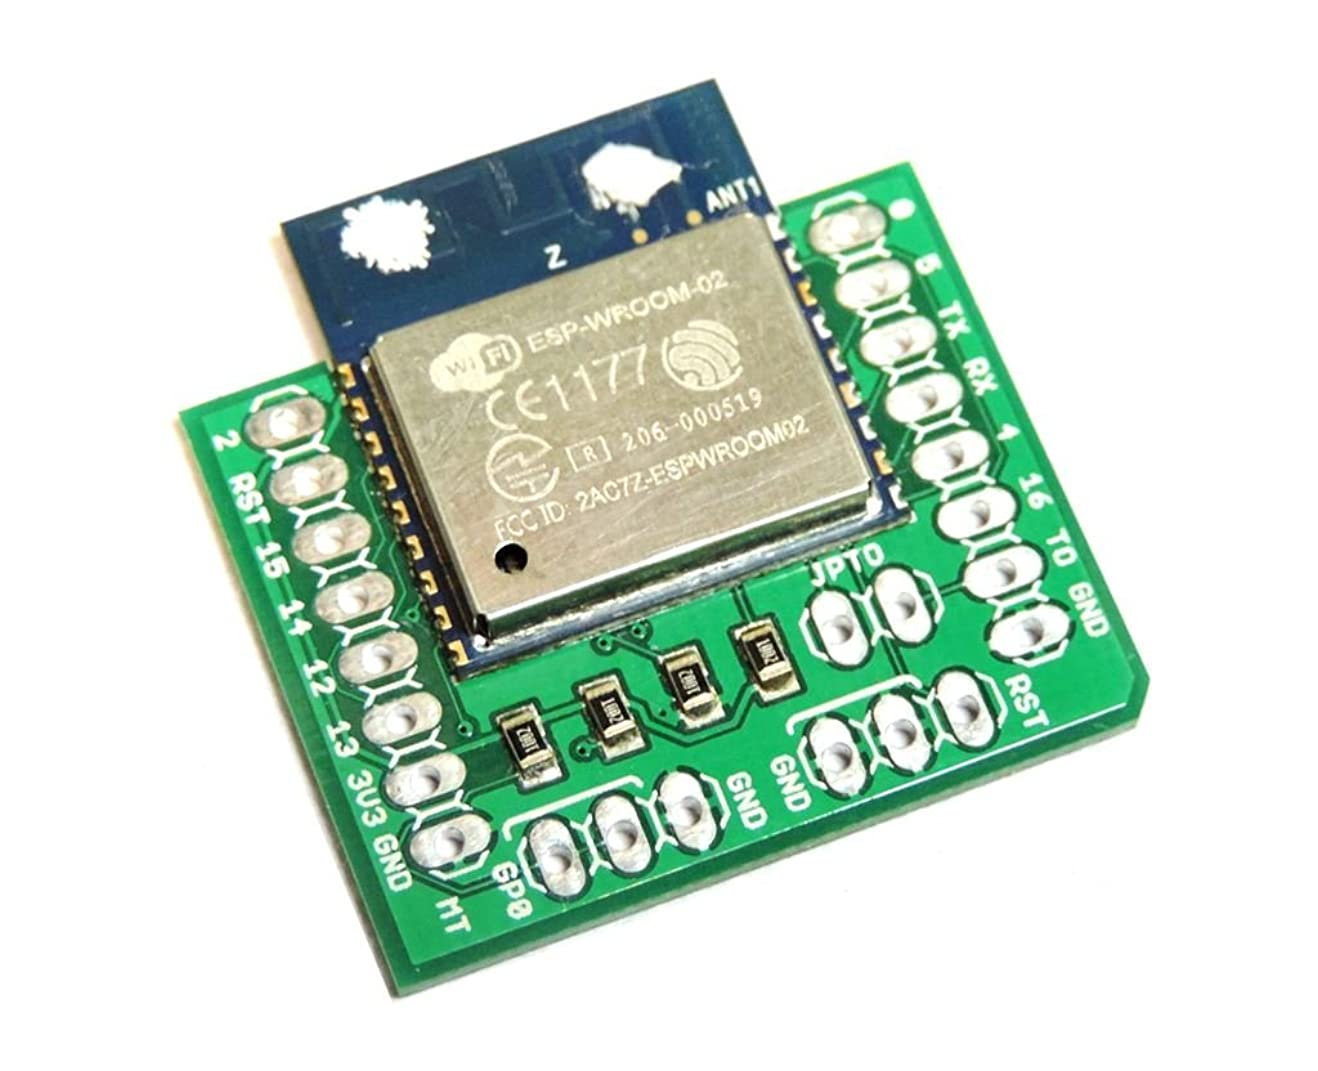 露骨な分析する不可能なESP-WROOM-02 搭載mikroBUS(R) 対応ブレークアウトボード Ver.2